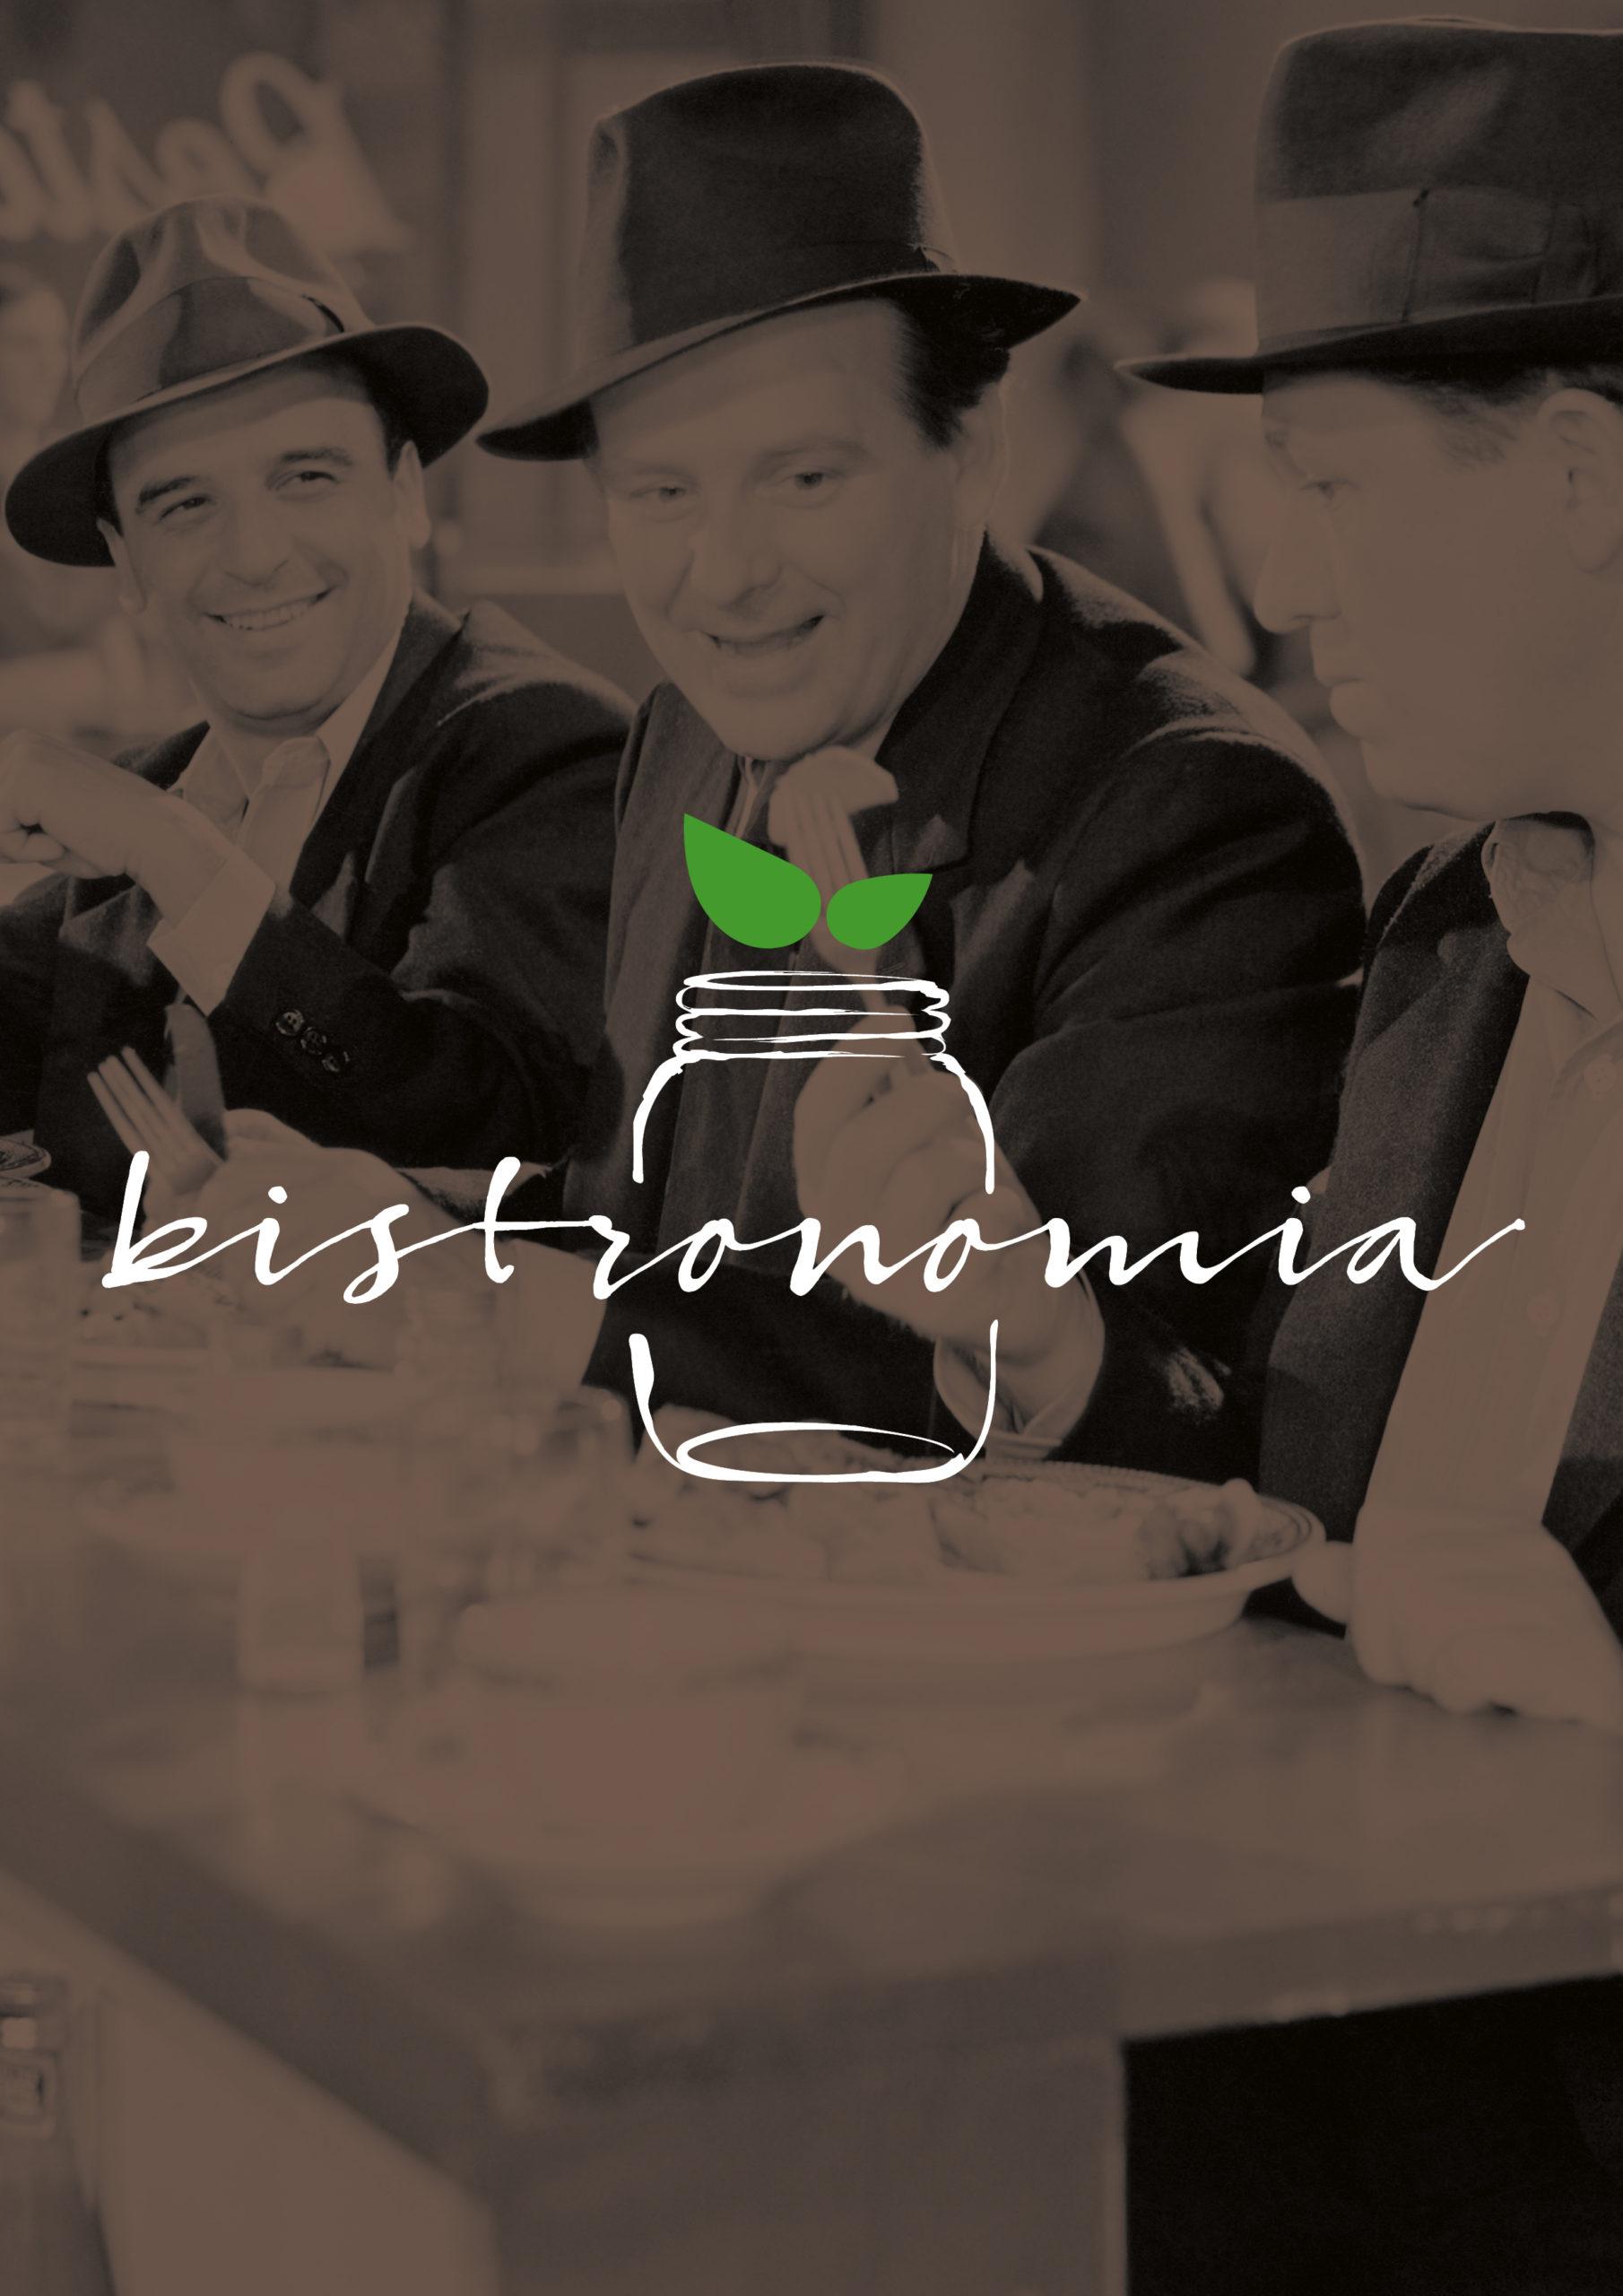 Immagine di copertina del ristorante Bistronomia